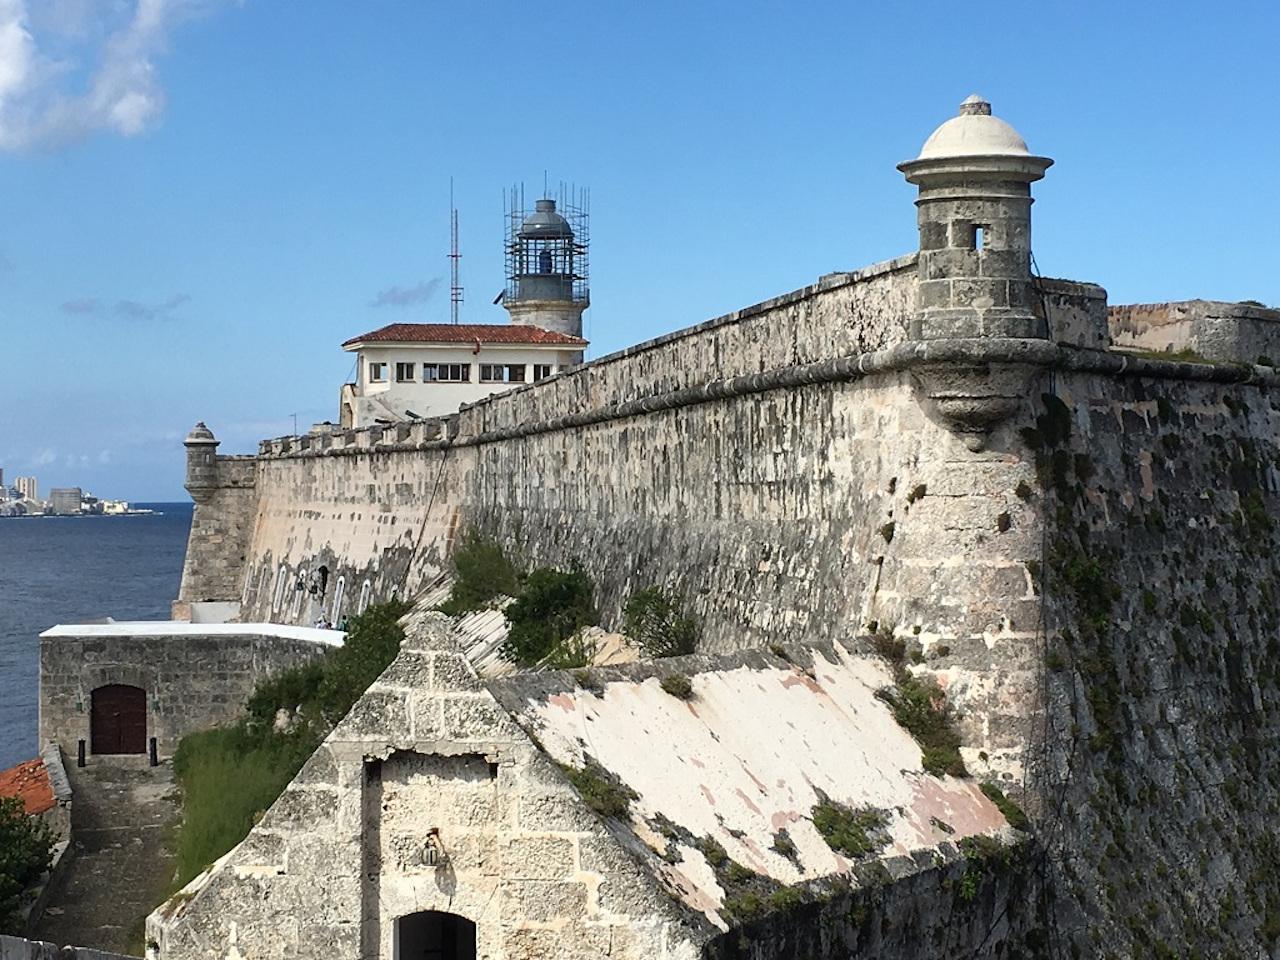 Гаванский колониальный форт. Лучшие достопримечательности Гаваны, чтобы включить в свой маршрут Гаваны Гавана, Куба, еда, отели и советы Гавана, Куба, еда, отели и советы colonial fort